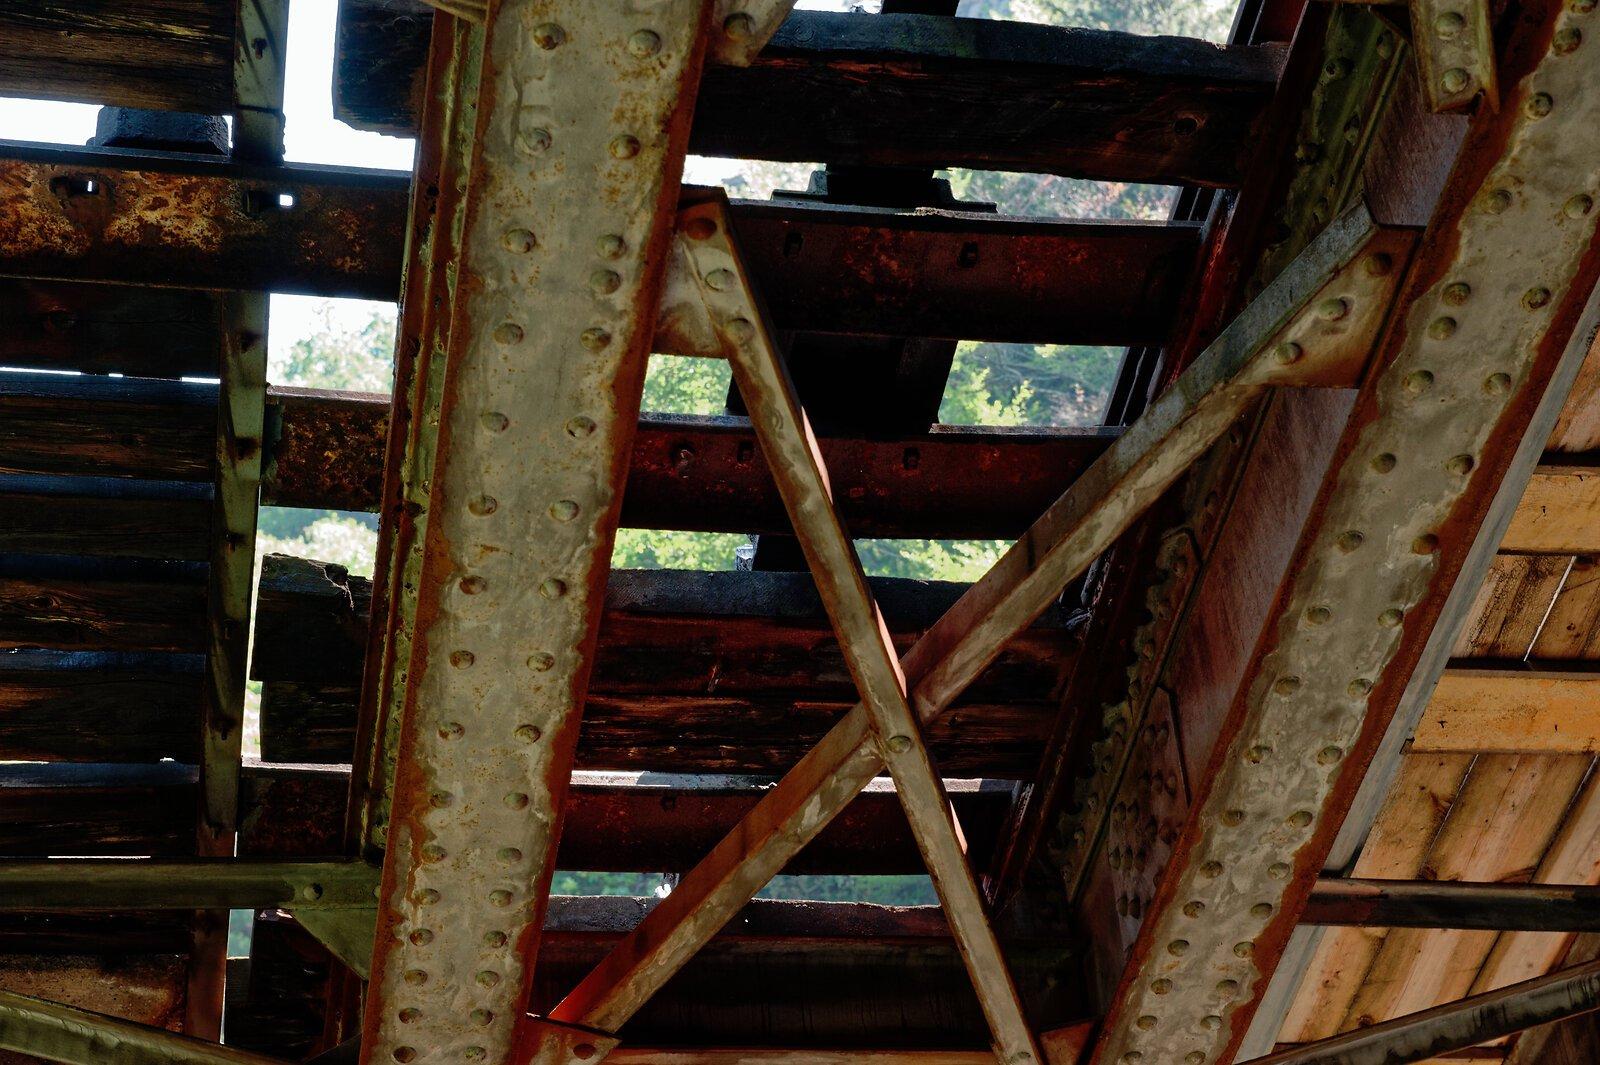 2010-Veysonnaz_2010-07-21_12-50-12_01667_1_DxO.jpg